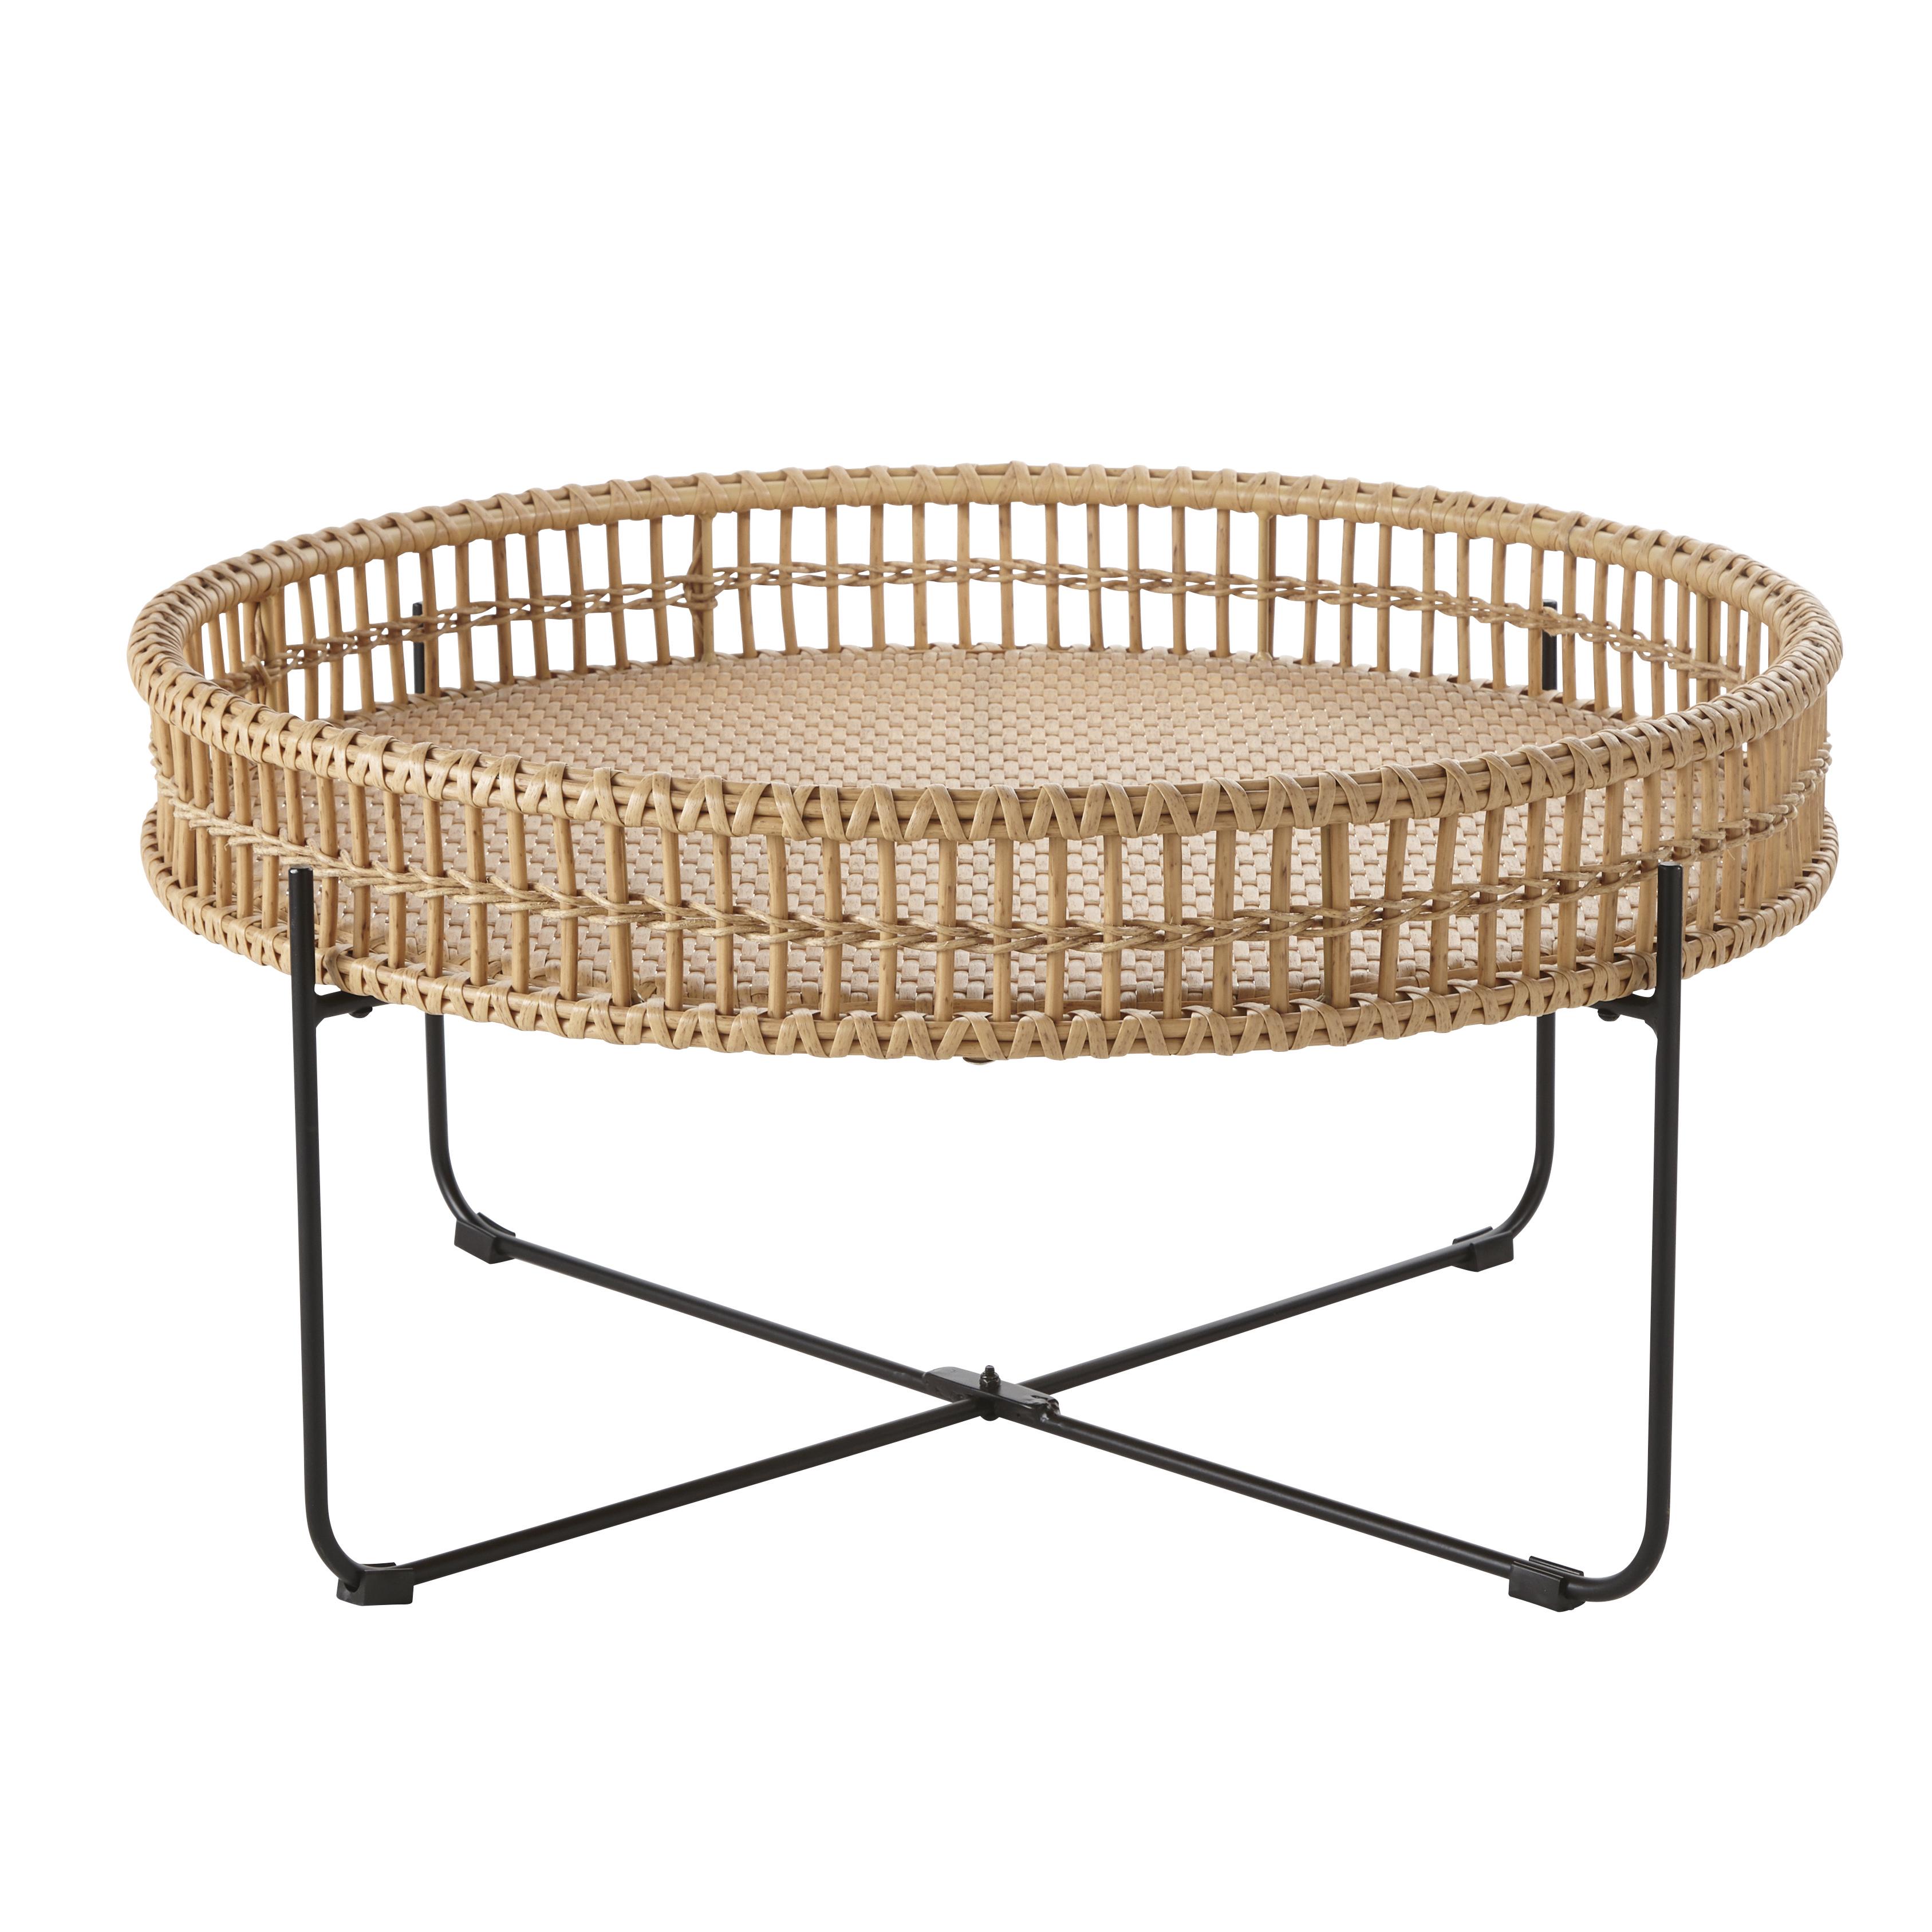 Mesa baja redonda de jardín de resina imitación a mimbre